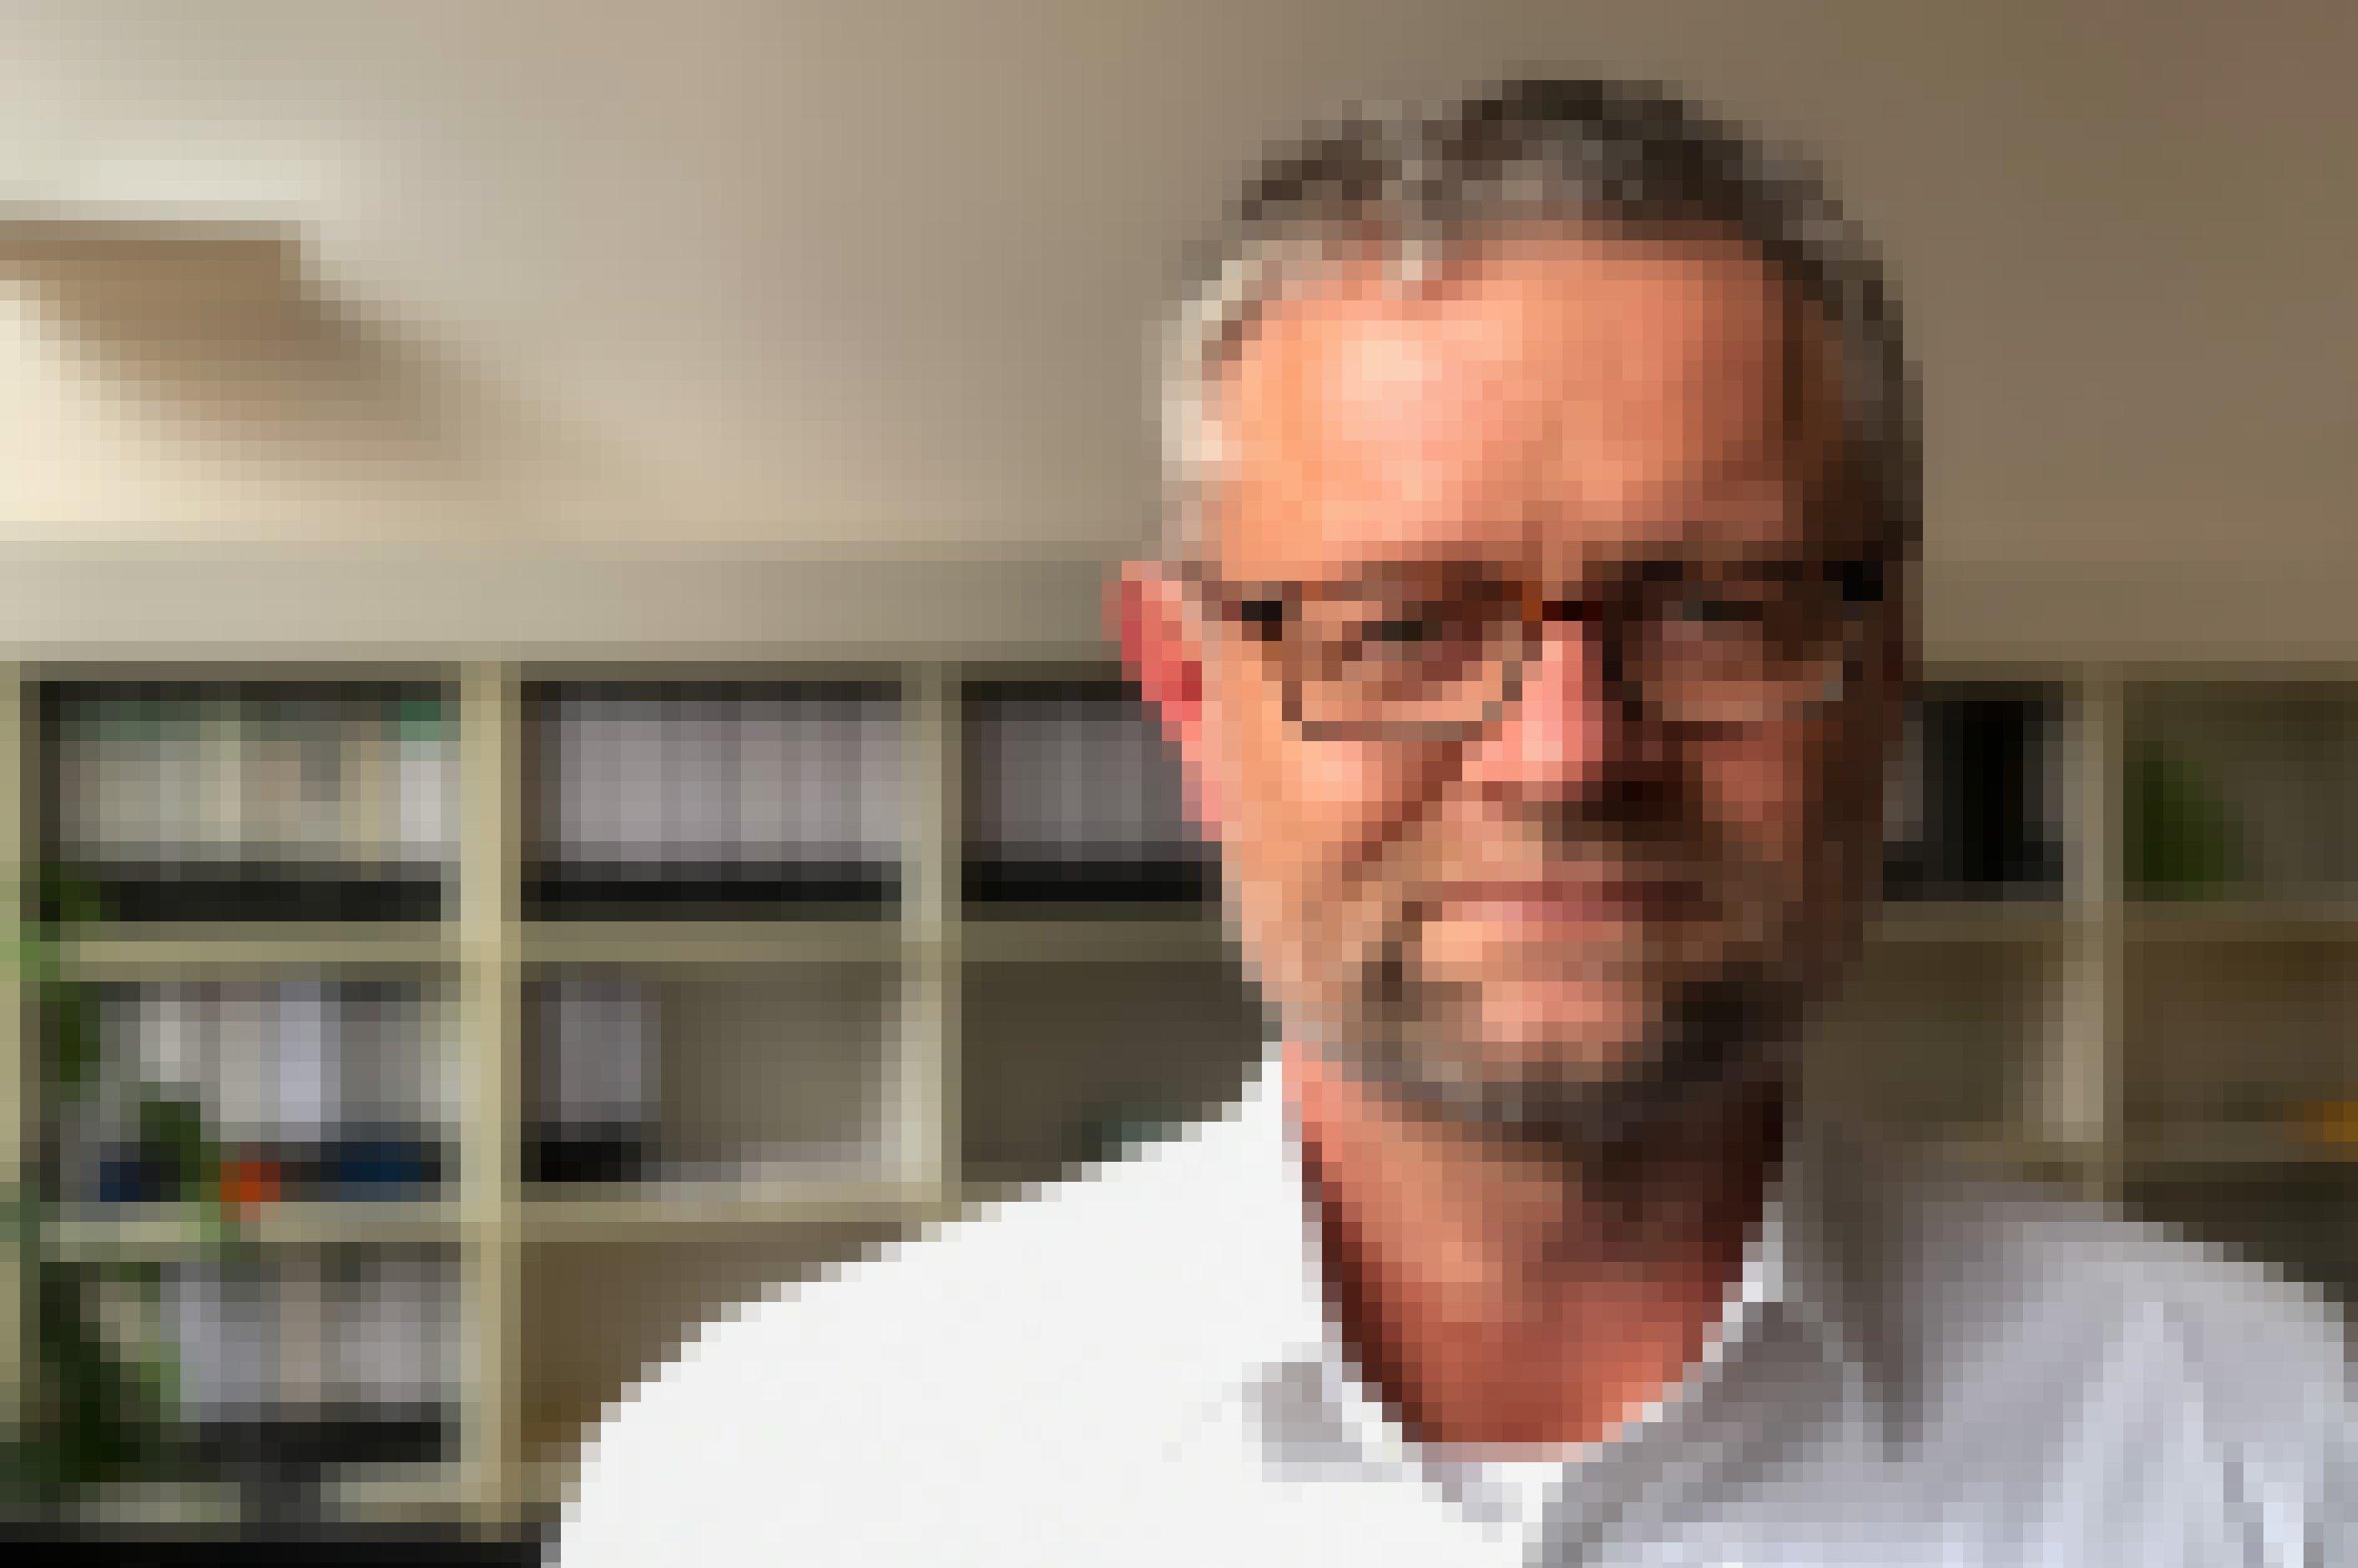 Ein Mann mit eckiger Brille und Drei-Tage-Bart schaut in die Kamera.